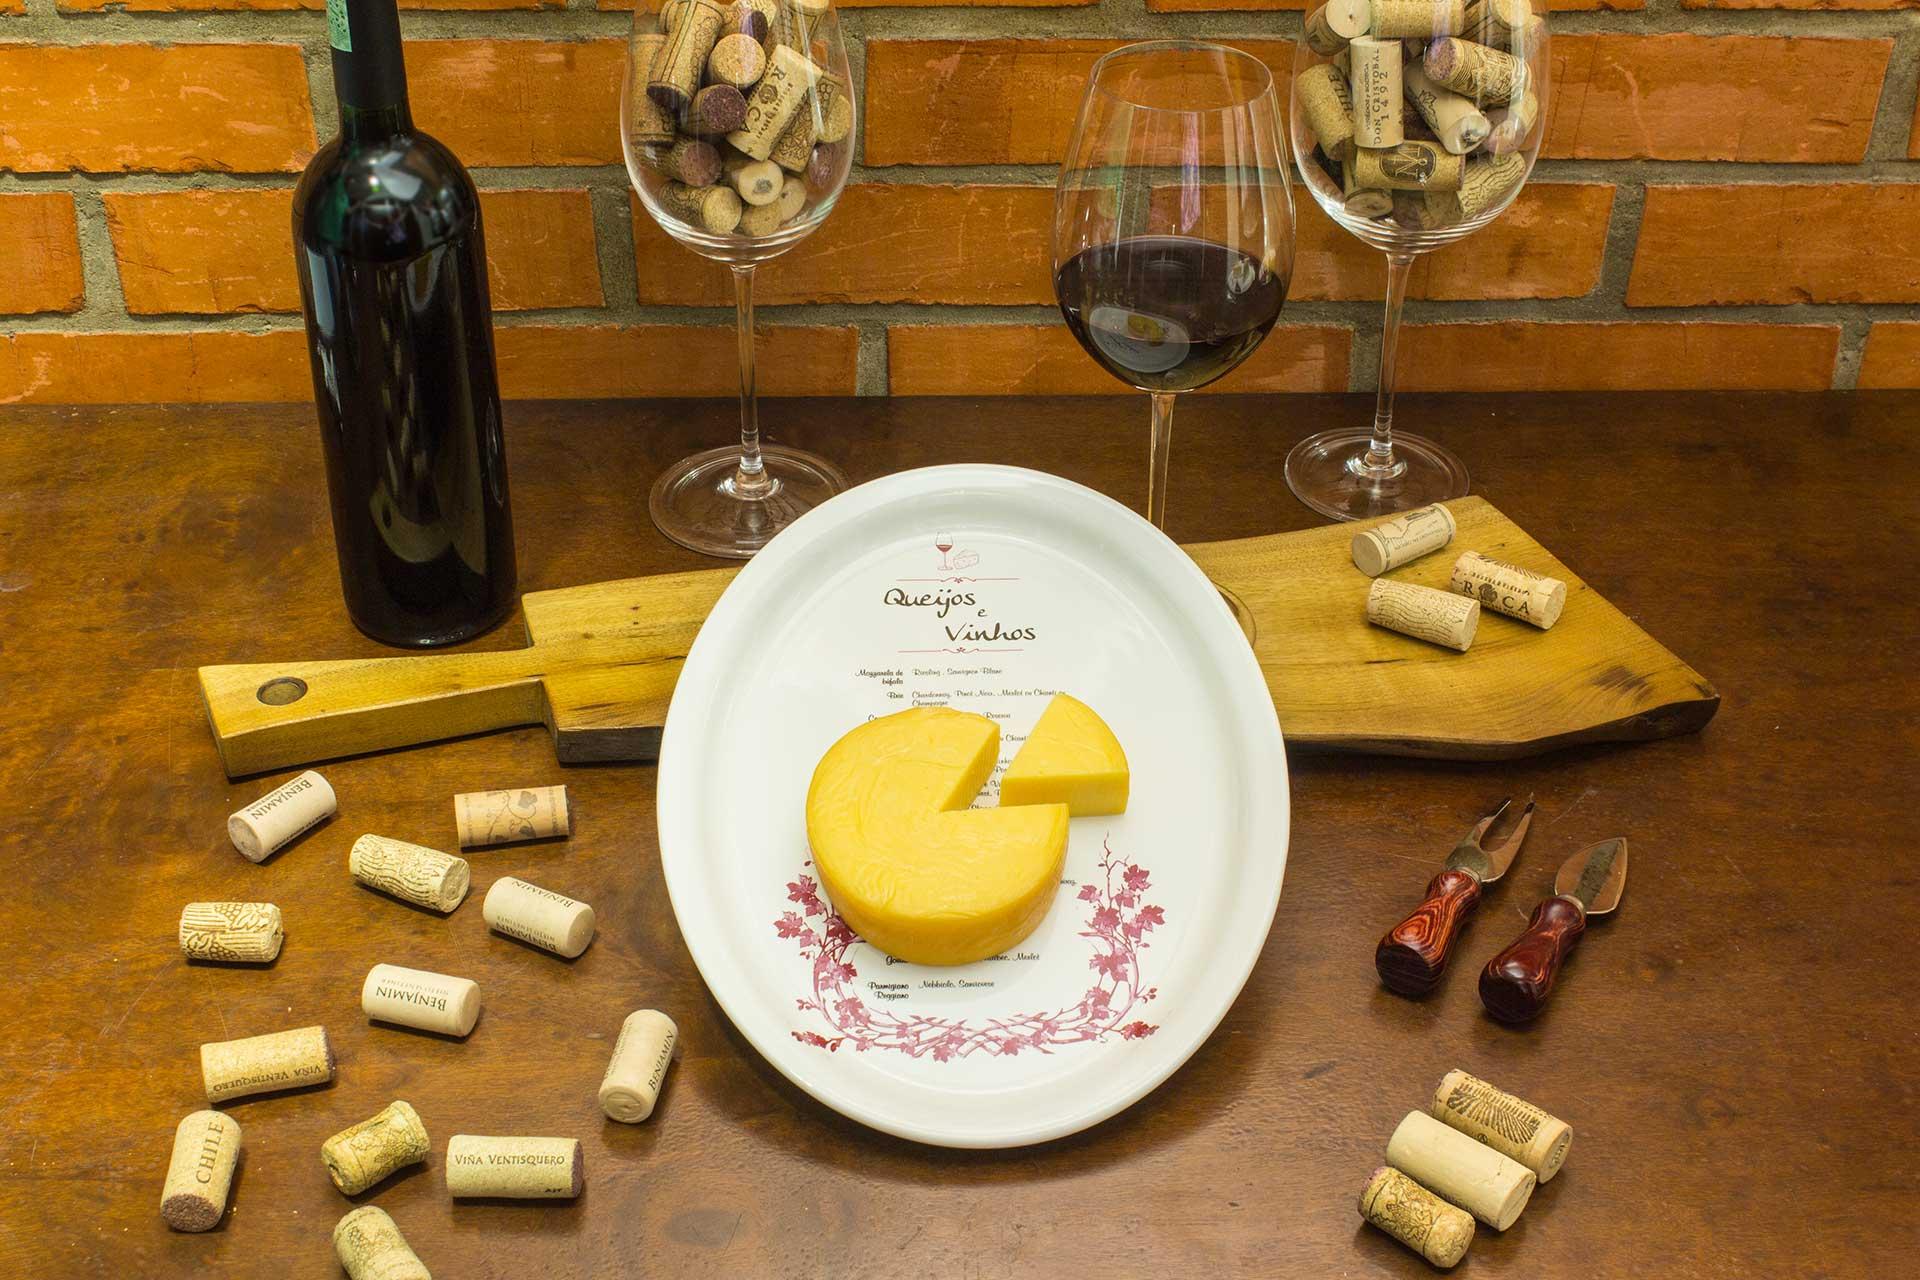 Imagem: A harmonização entre queijos e vinhos é uma das mais desejadas e é a combinação perfeita para as noites mais frias de inverno. Foto: Equipe Oxford.